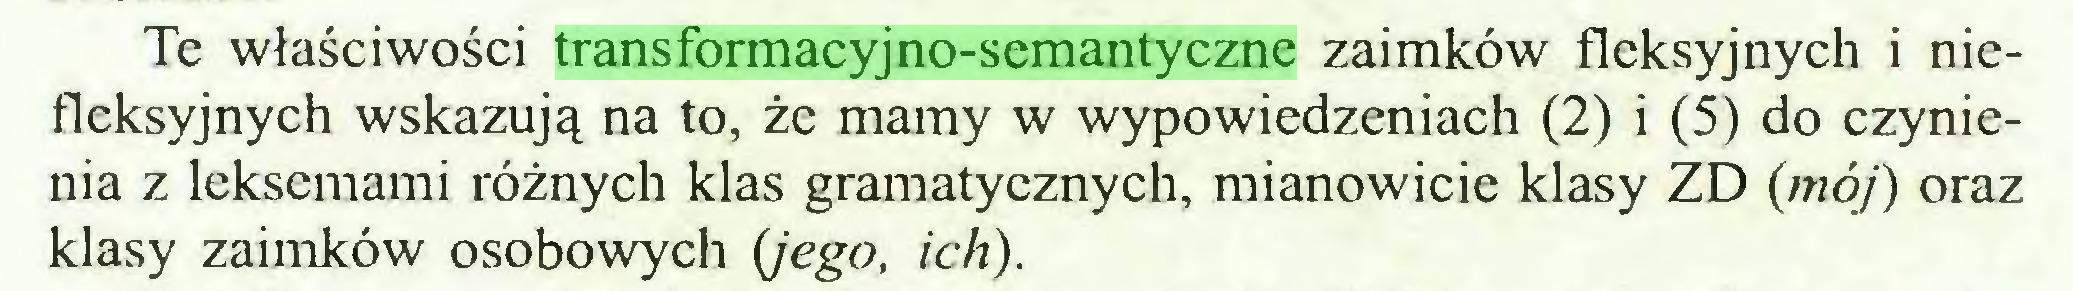 (...) Te właściwości transformacyjno-semantyczne zaimków fleksyjnych i niefleksyjnych wskazują na to, że mamy w wypowiedzeniach (2) i (5) do czynienia z lekscmami różnych klas gramatycznych, mianowicie klasy ZD {mój) oraz klasy zaimków osobowych (jego, ich)...